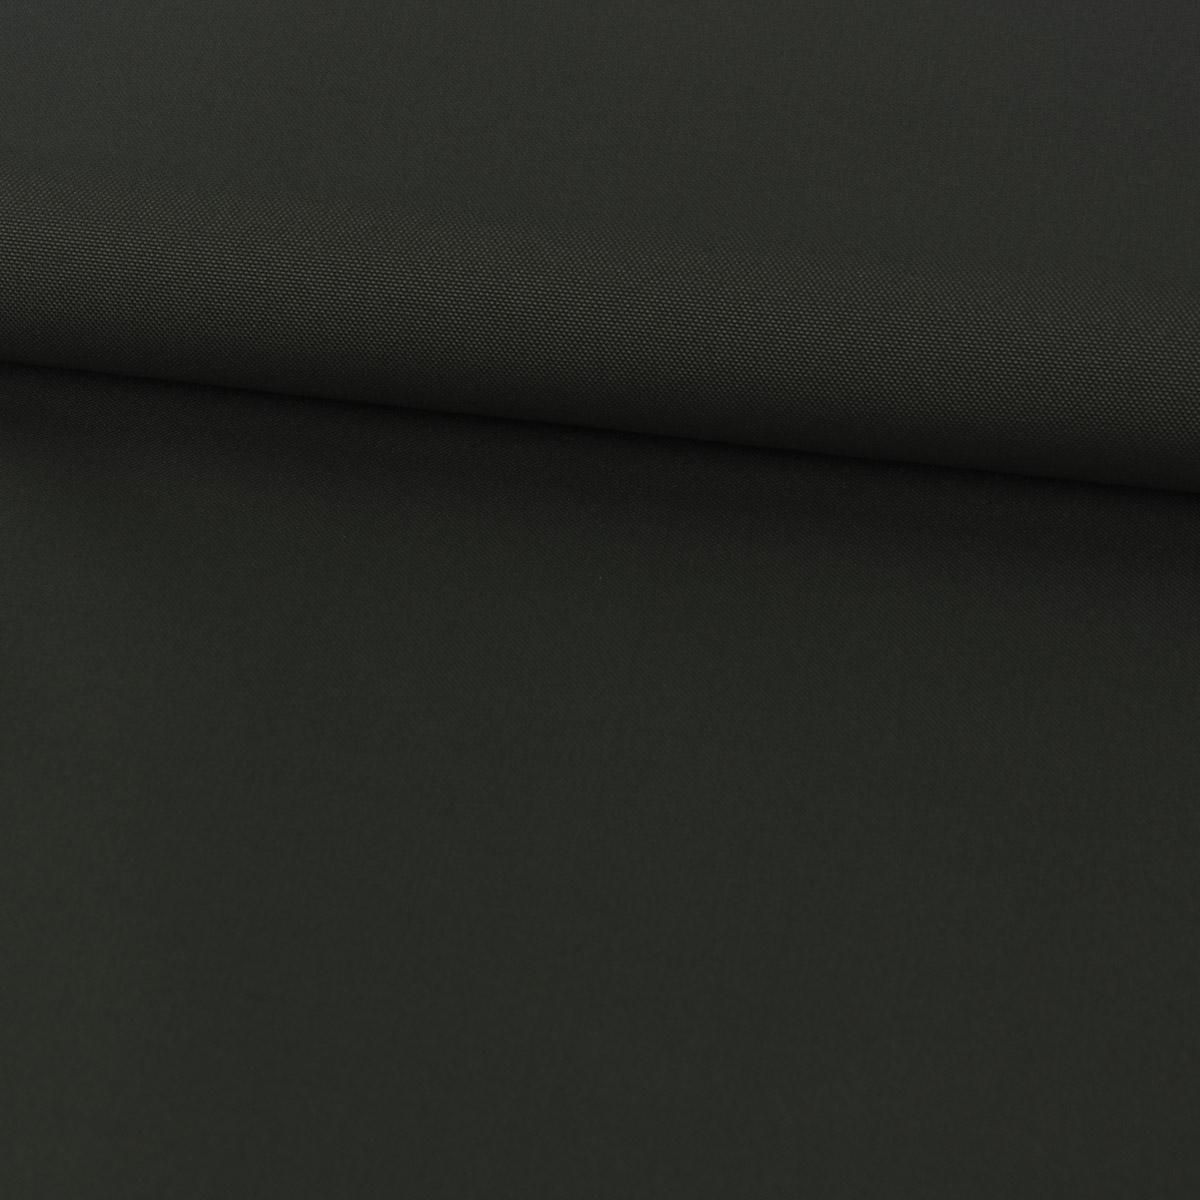 Outdoor Waterproof wasserdicht Polyester uni dunkelgrün 1,45m Breite